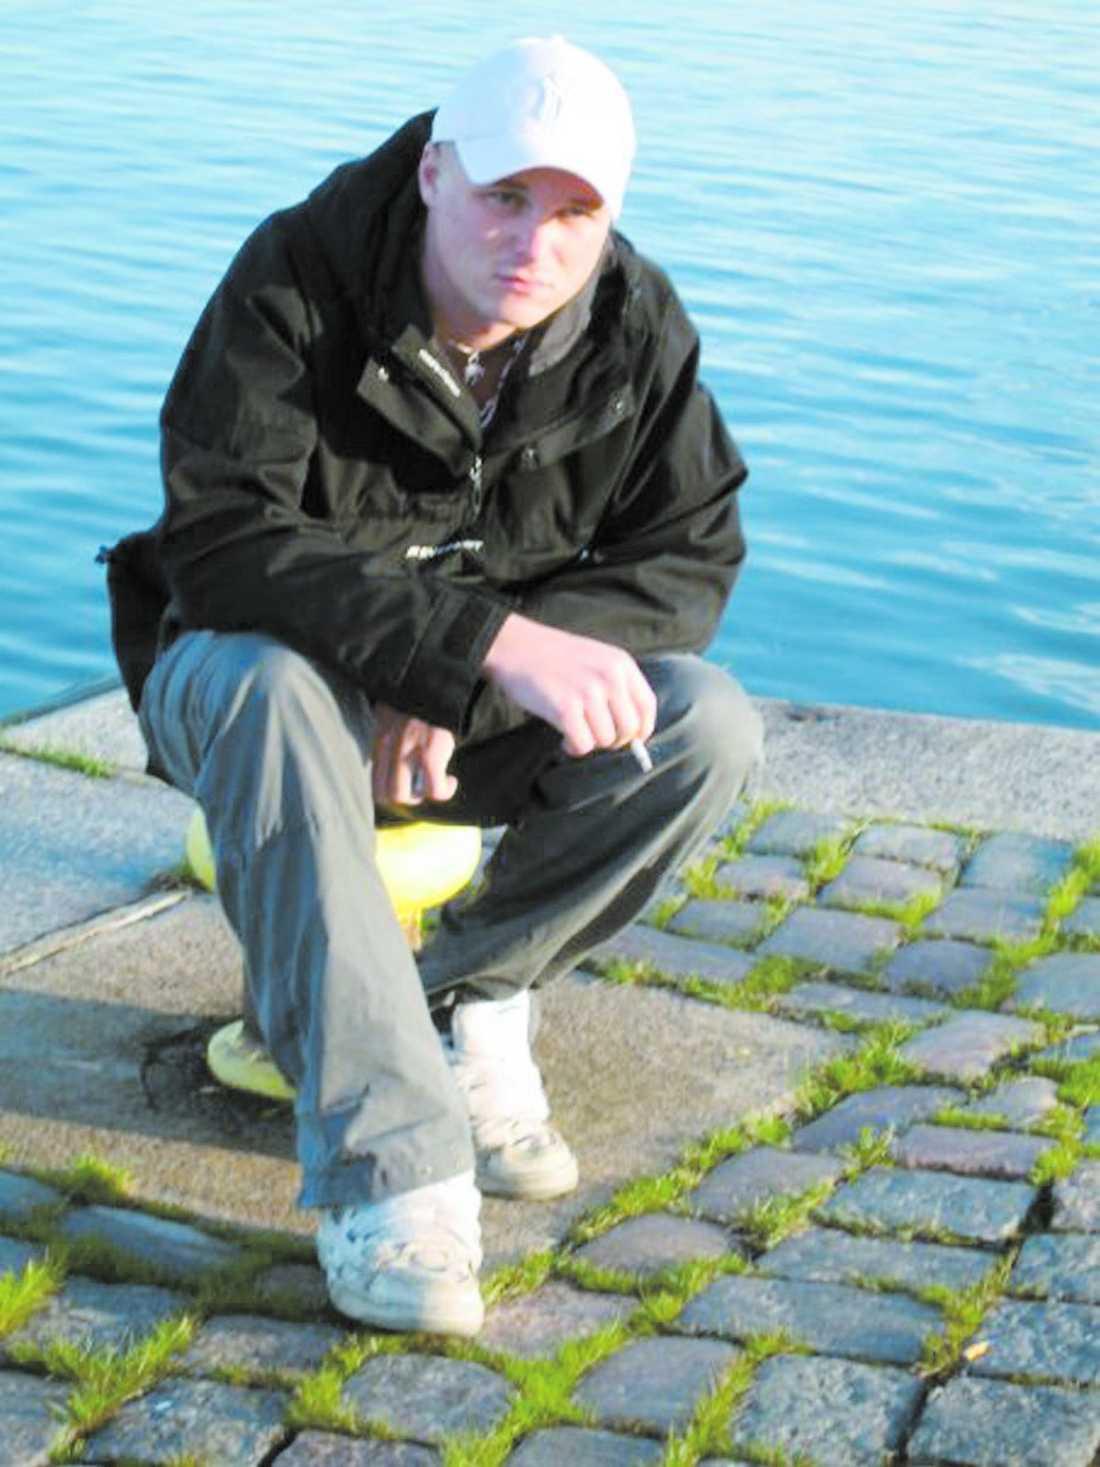 hade varit på fest Johan Liljeqvist var upprörd efter ett gräl med flickvännen när han lämnade festen i Göteborg den 19 april förra året. När några poliser såg honom slå in bakrutan på en kamrats bil utbröt ett våldsamt handgemäng. Johan låg i respirator i en vecka innan han avled den 26 april.